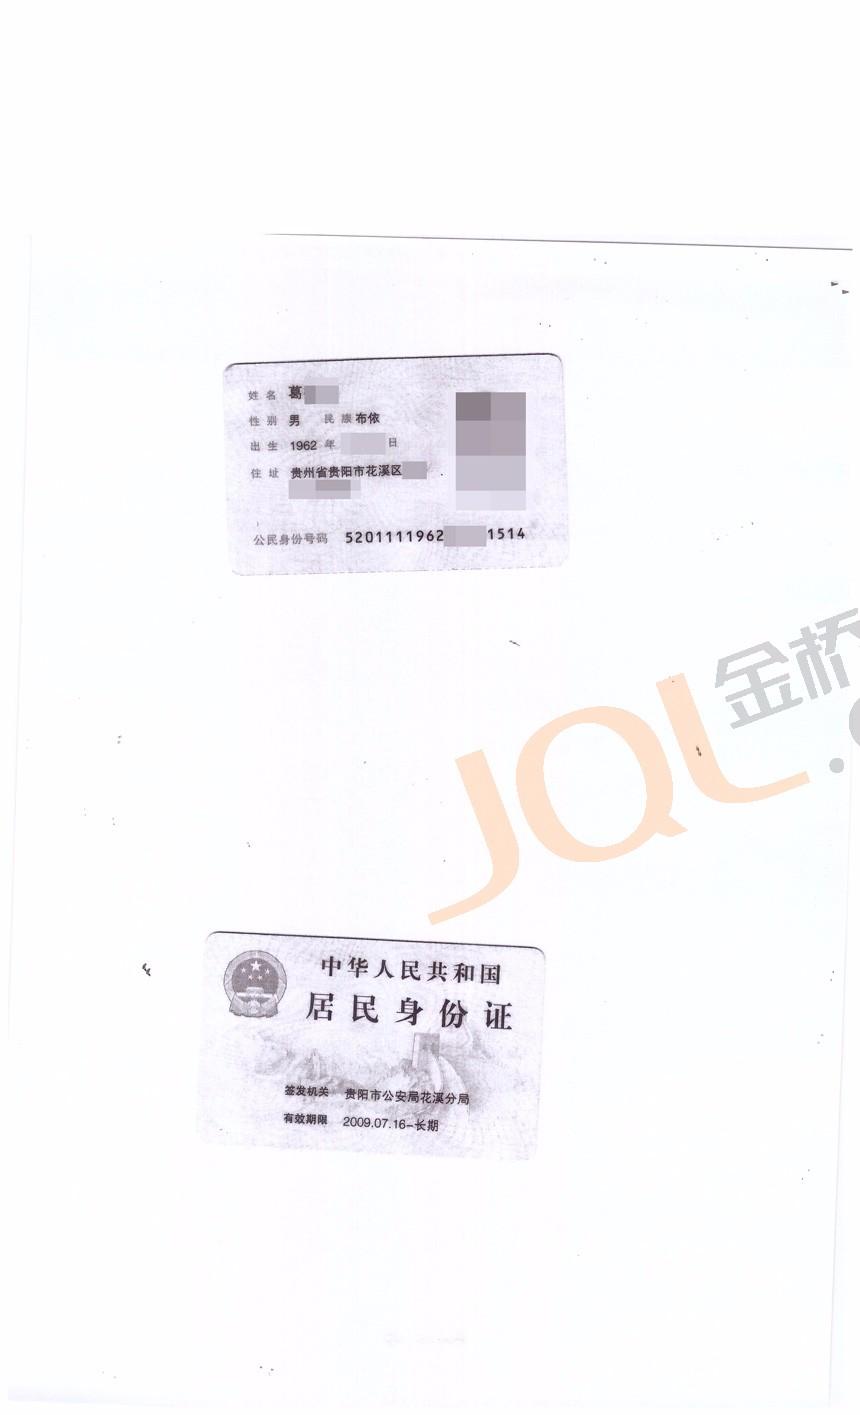 https://image.jql.cn/upload/images/20180600131/borrow_201806071015356594.jpg